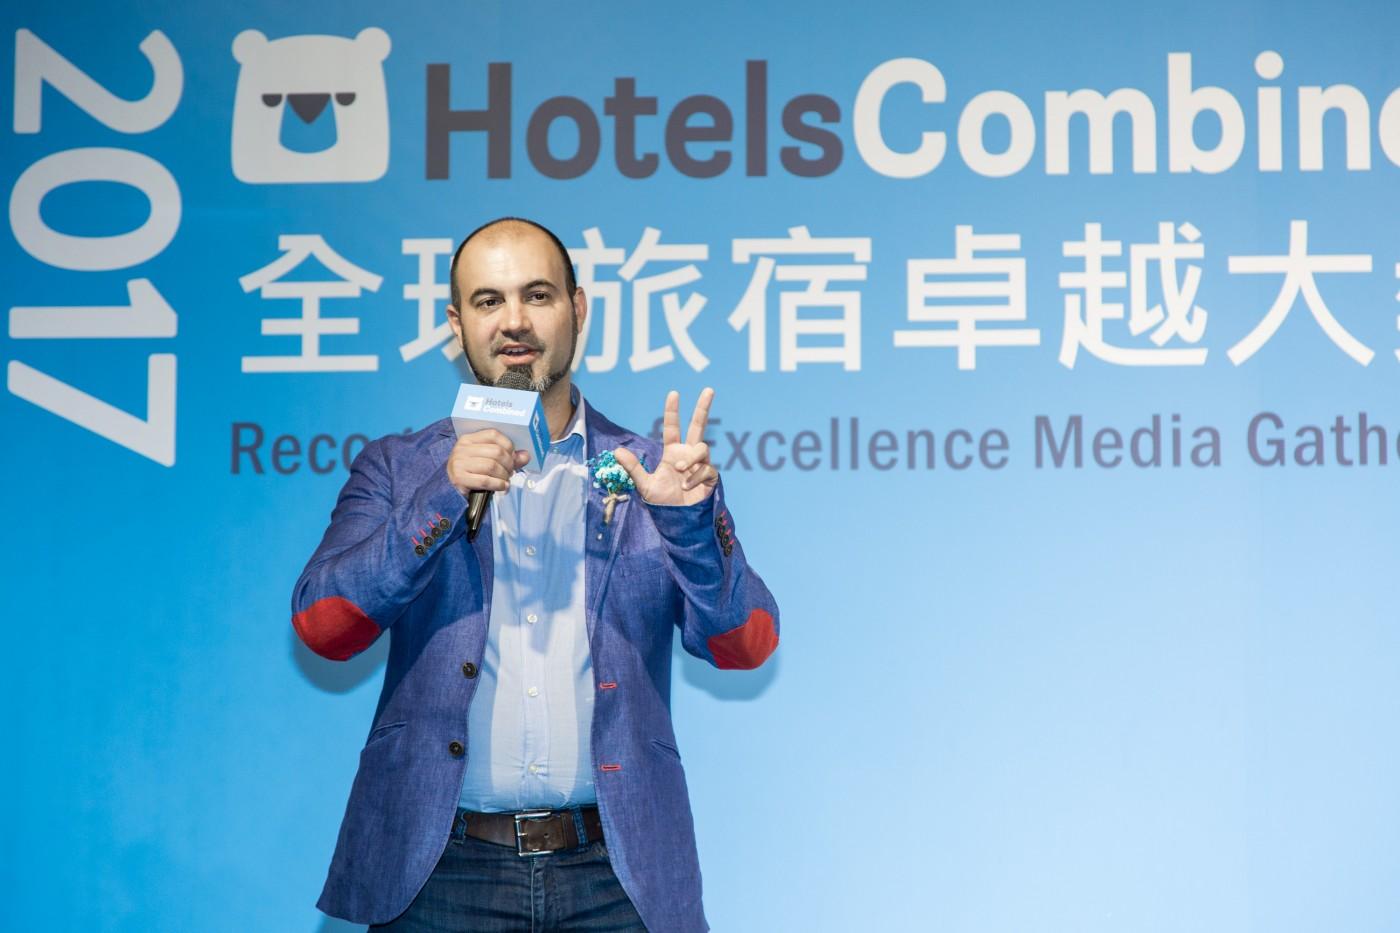 三大理由看好訂房搜尋比價市場 HotelsCombined執行長:還看不到成長天花板